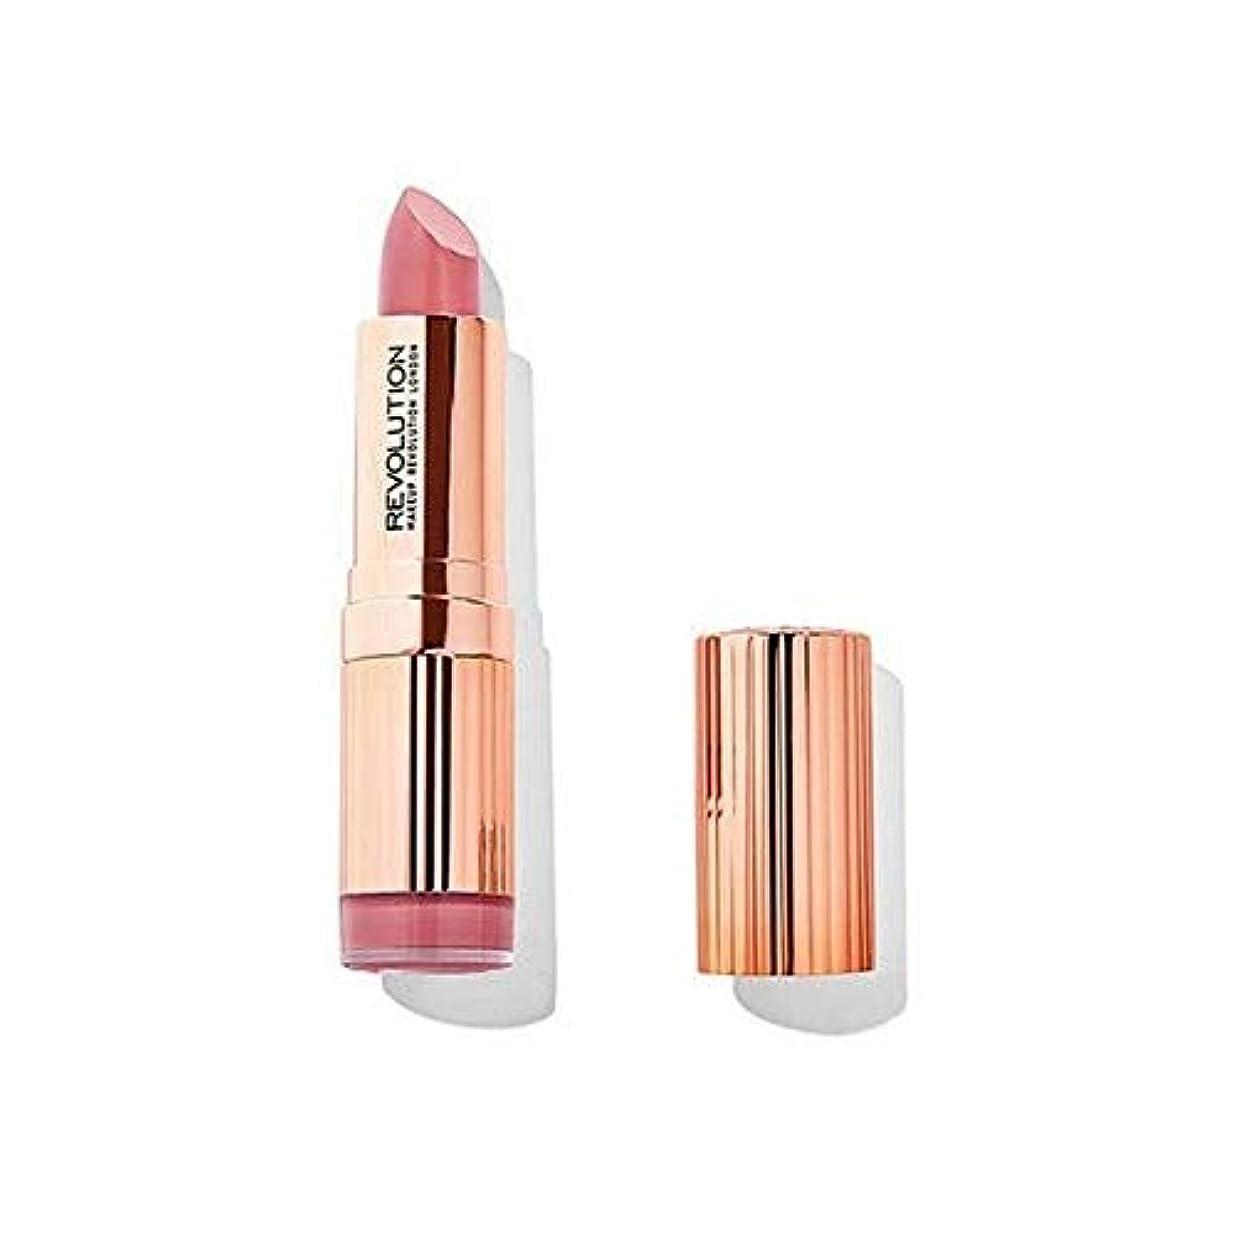 プロット蒸遠足[Revolution ] ブレンド革命のルネサンス口紅 - Revolution Renaissance Lipstick Blended [並行輸入品]